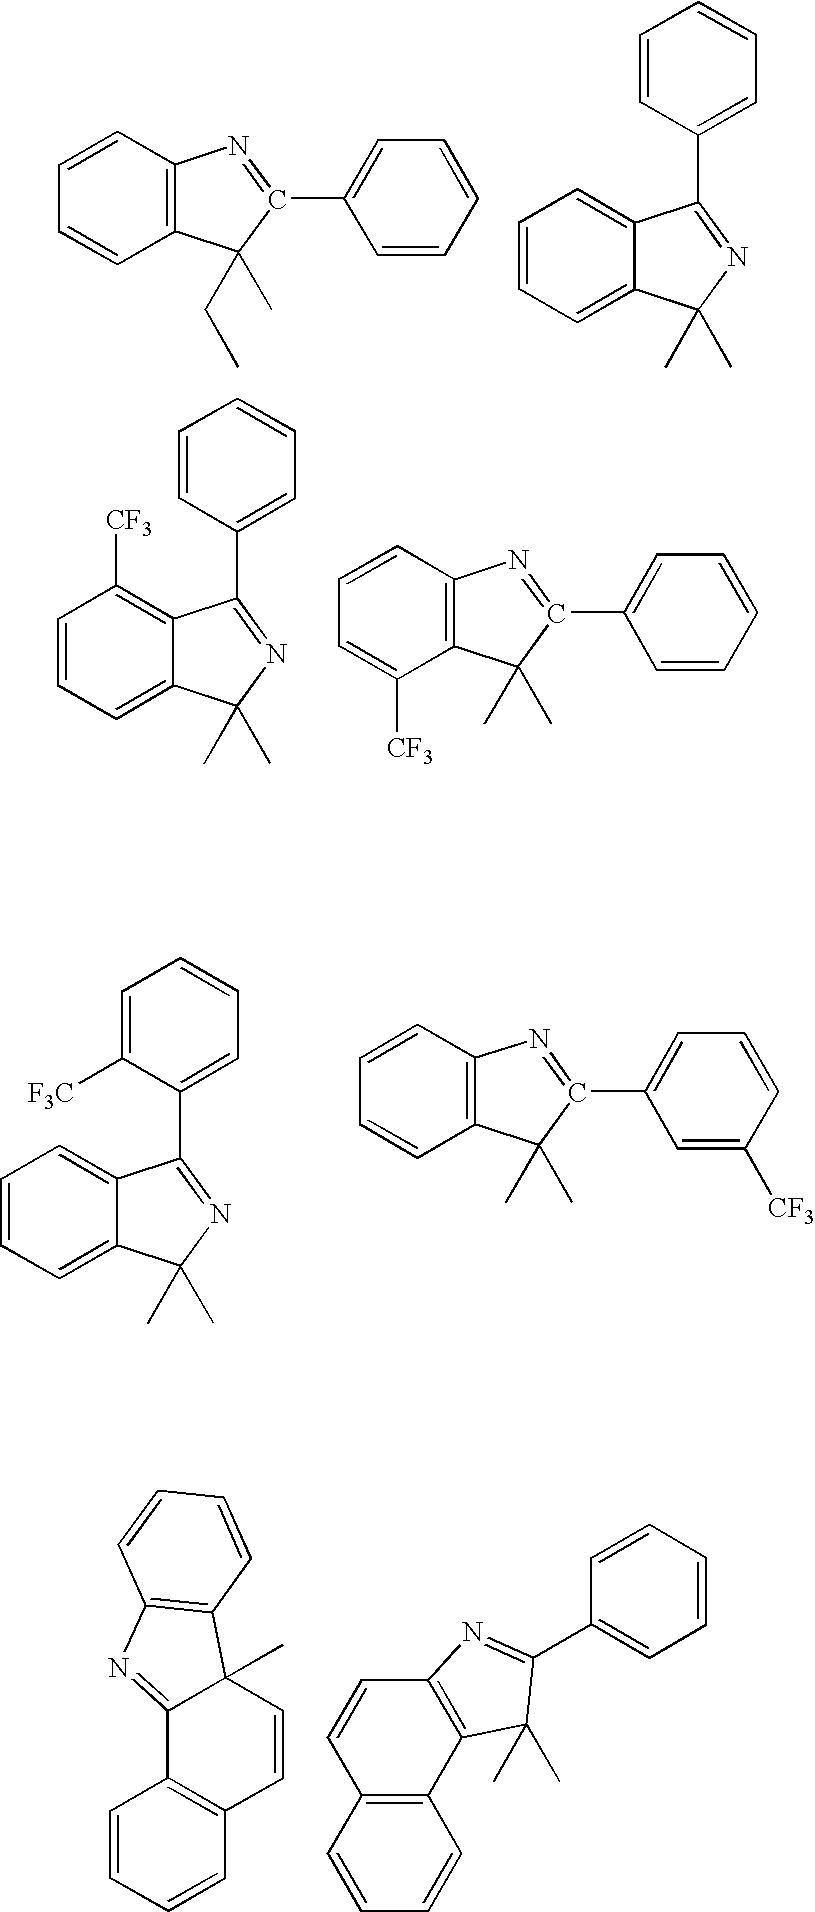 Figure US07118812-20061010-C00001